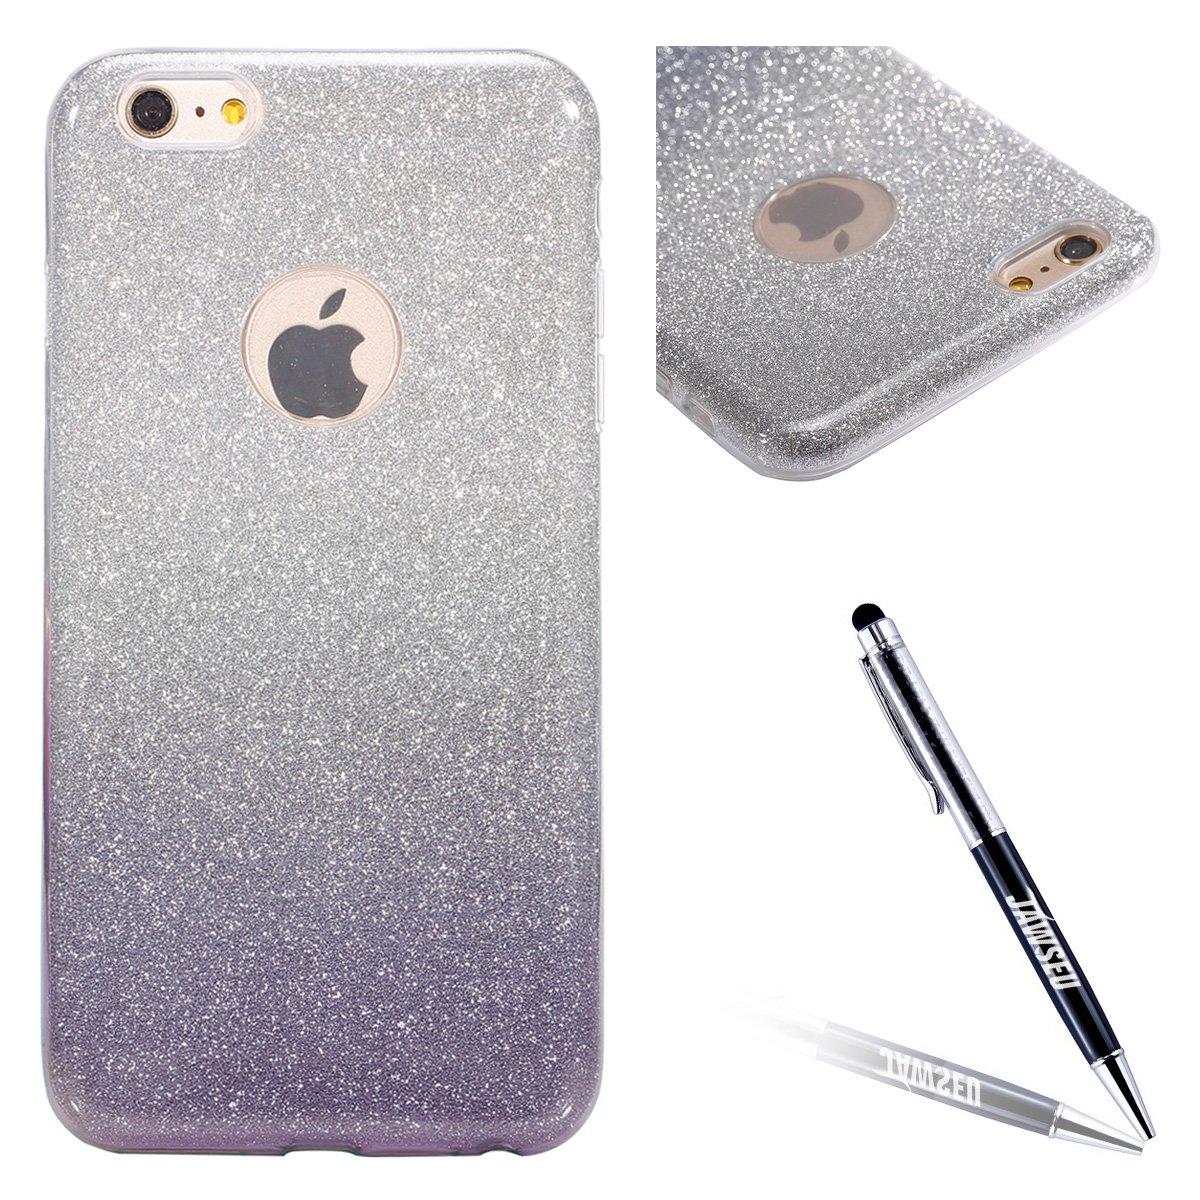 JAWSEU iPhone 6/6S Custodia Cover Silicone TPU [360 Gradi] 3 in 1 Protezione Completa Glitter Sparkle Bling RossaUltra Sottile Gel Morbida Flessibile Liscio Antiurto Coperture Bumper iPhone 6 / iPhone 6S